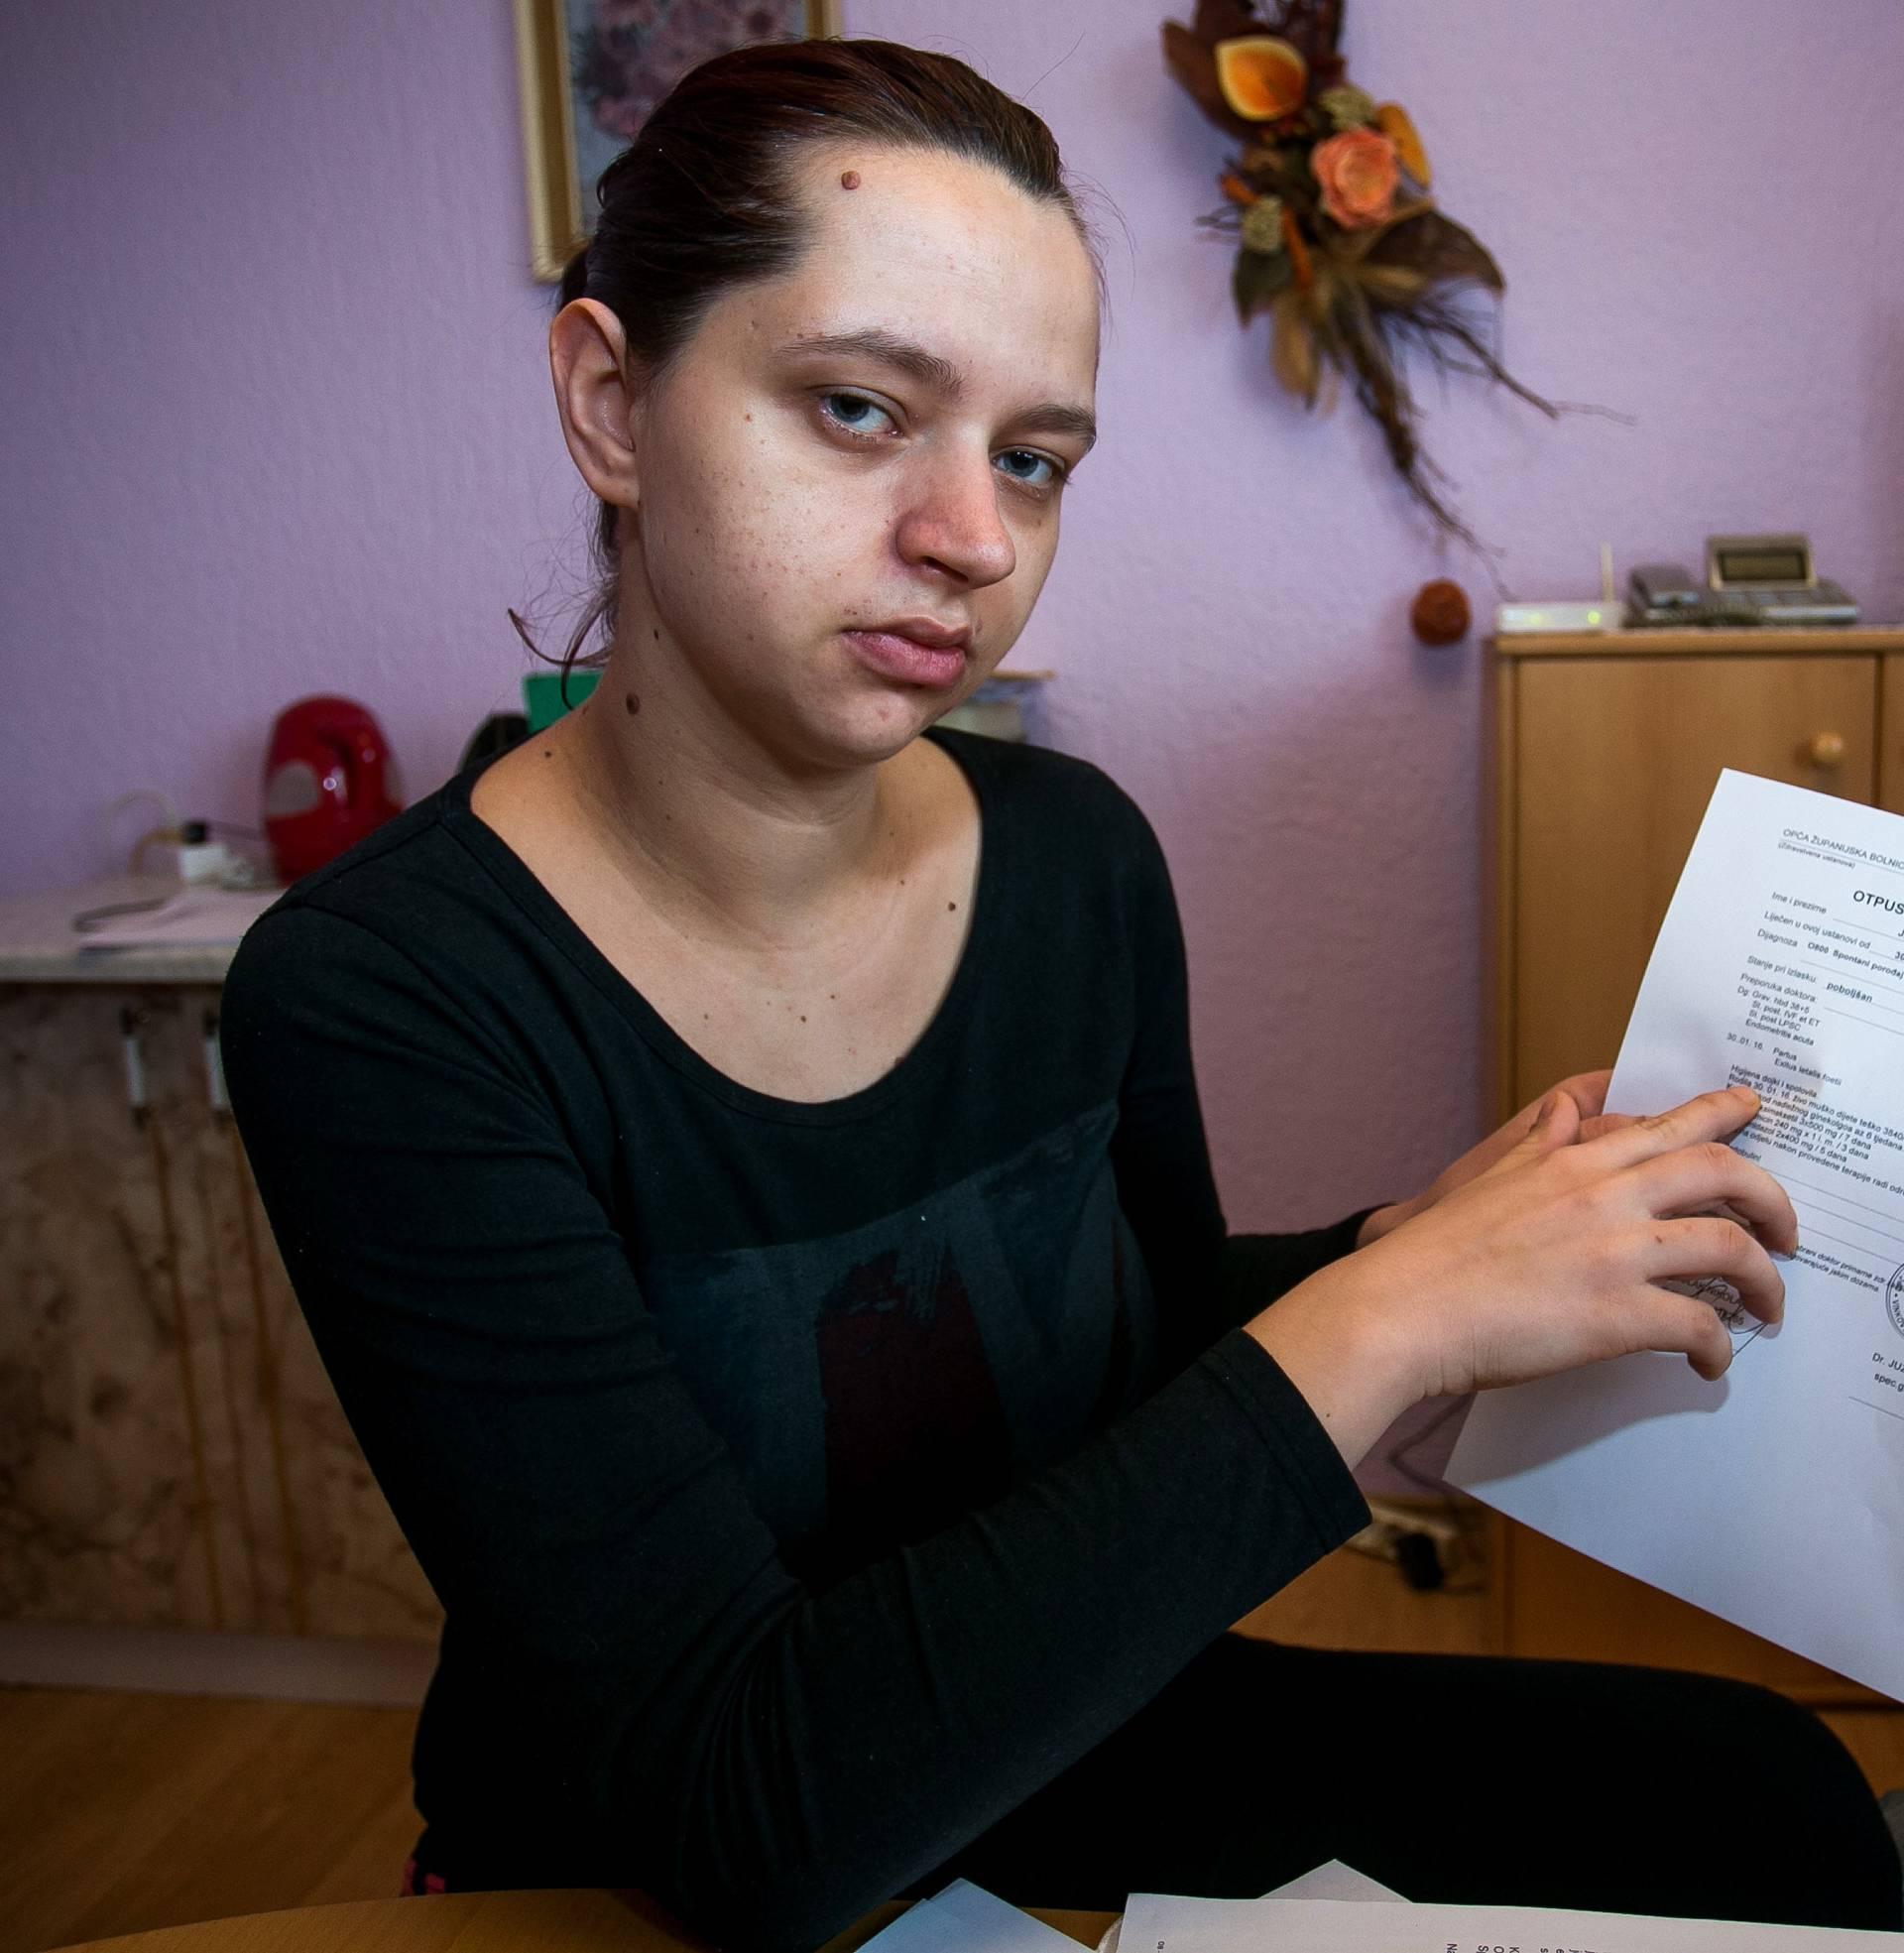 'Ubili su mi sina! Vikali su da mali ne diše, nastala je panika'